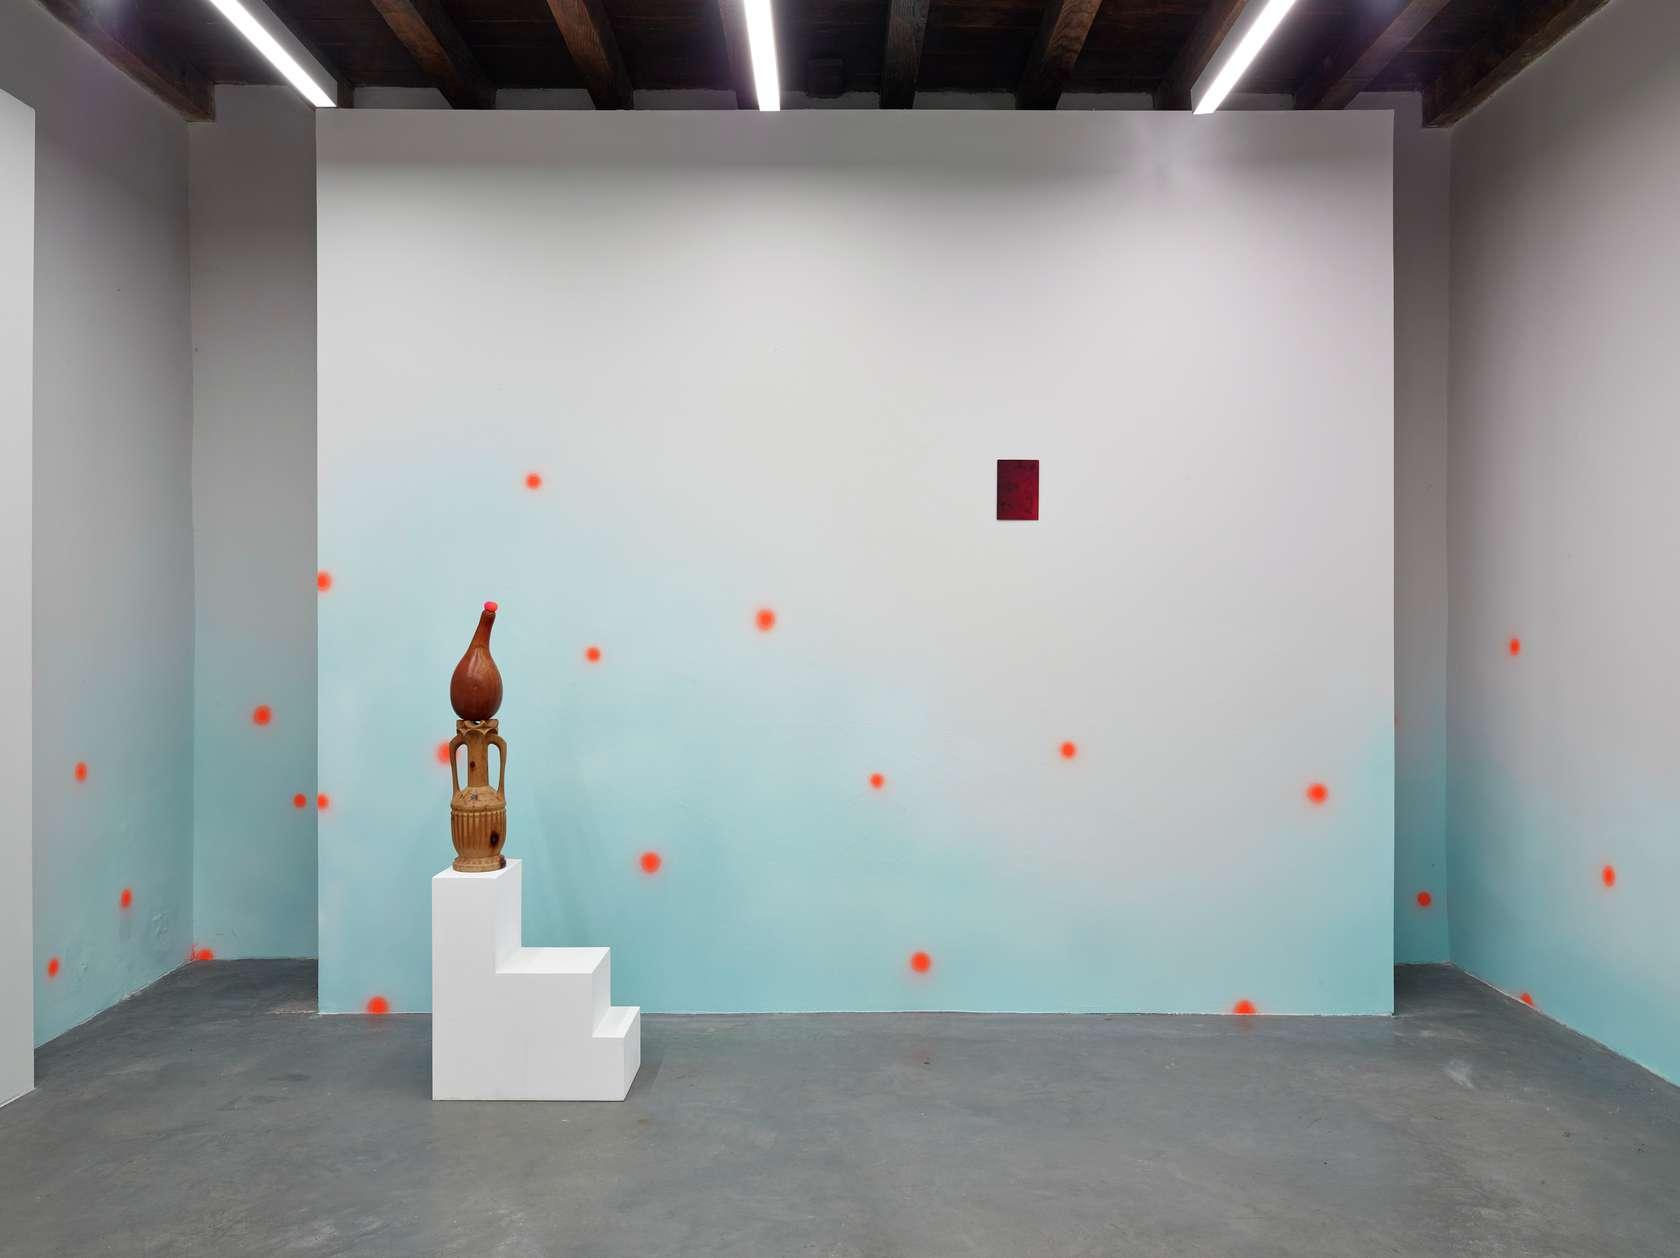 Hippolyte Hentgen Marble Canyon Marble Canyon, Les Capucins, Centre d'art contemporain, Embrun (FR) 5 juillet  — 1er septembre 2019